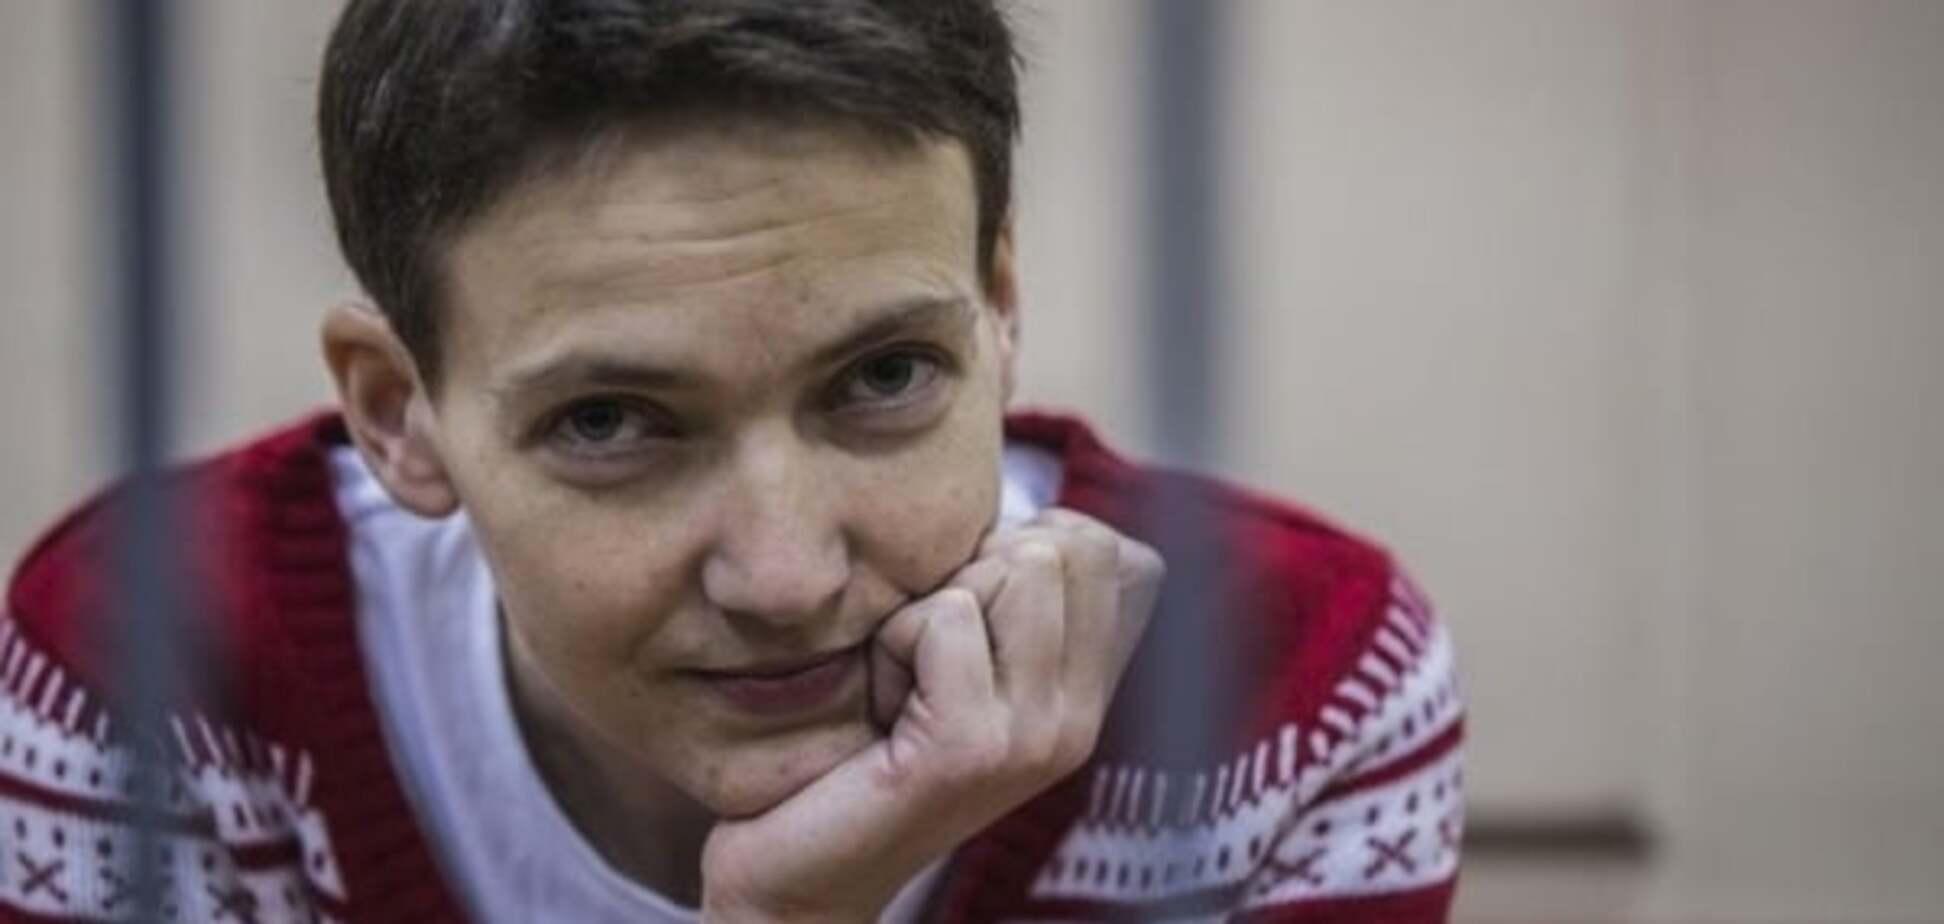 Диссидент Глузман о Савченко: ей тяжелее, потому что у нее есть надежда